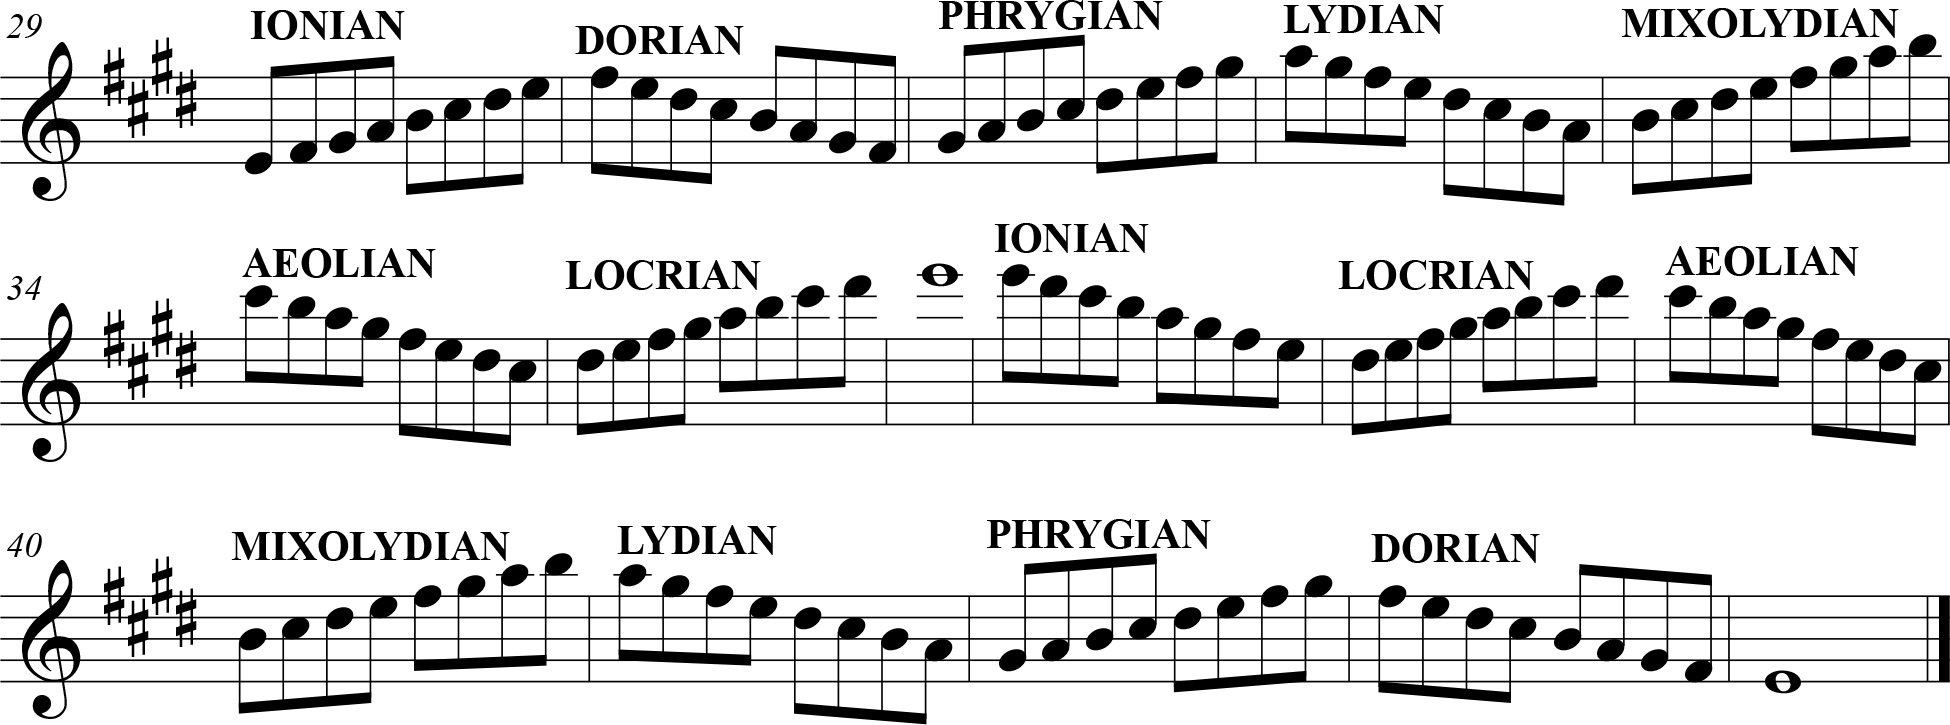 Key Of E Major/C-sharp Minor